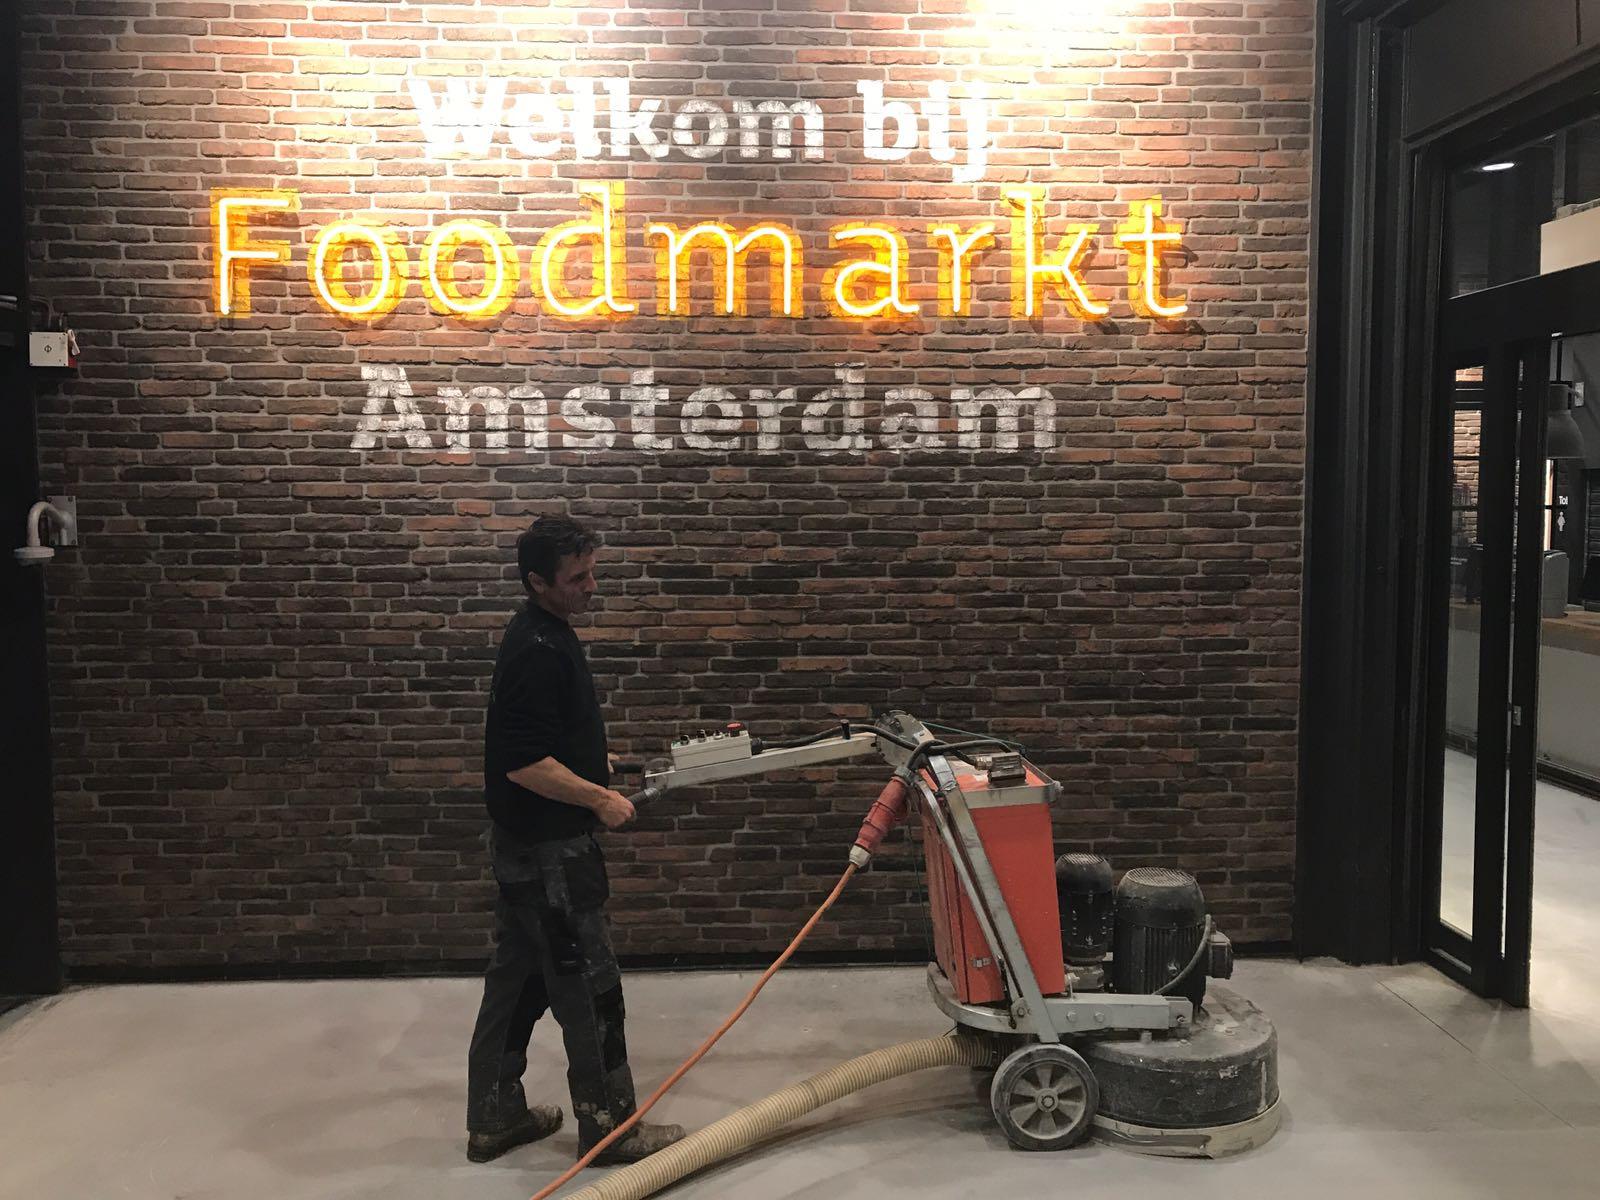 Opgeknapte betonvloer Amsterdam